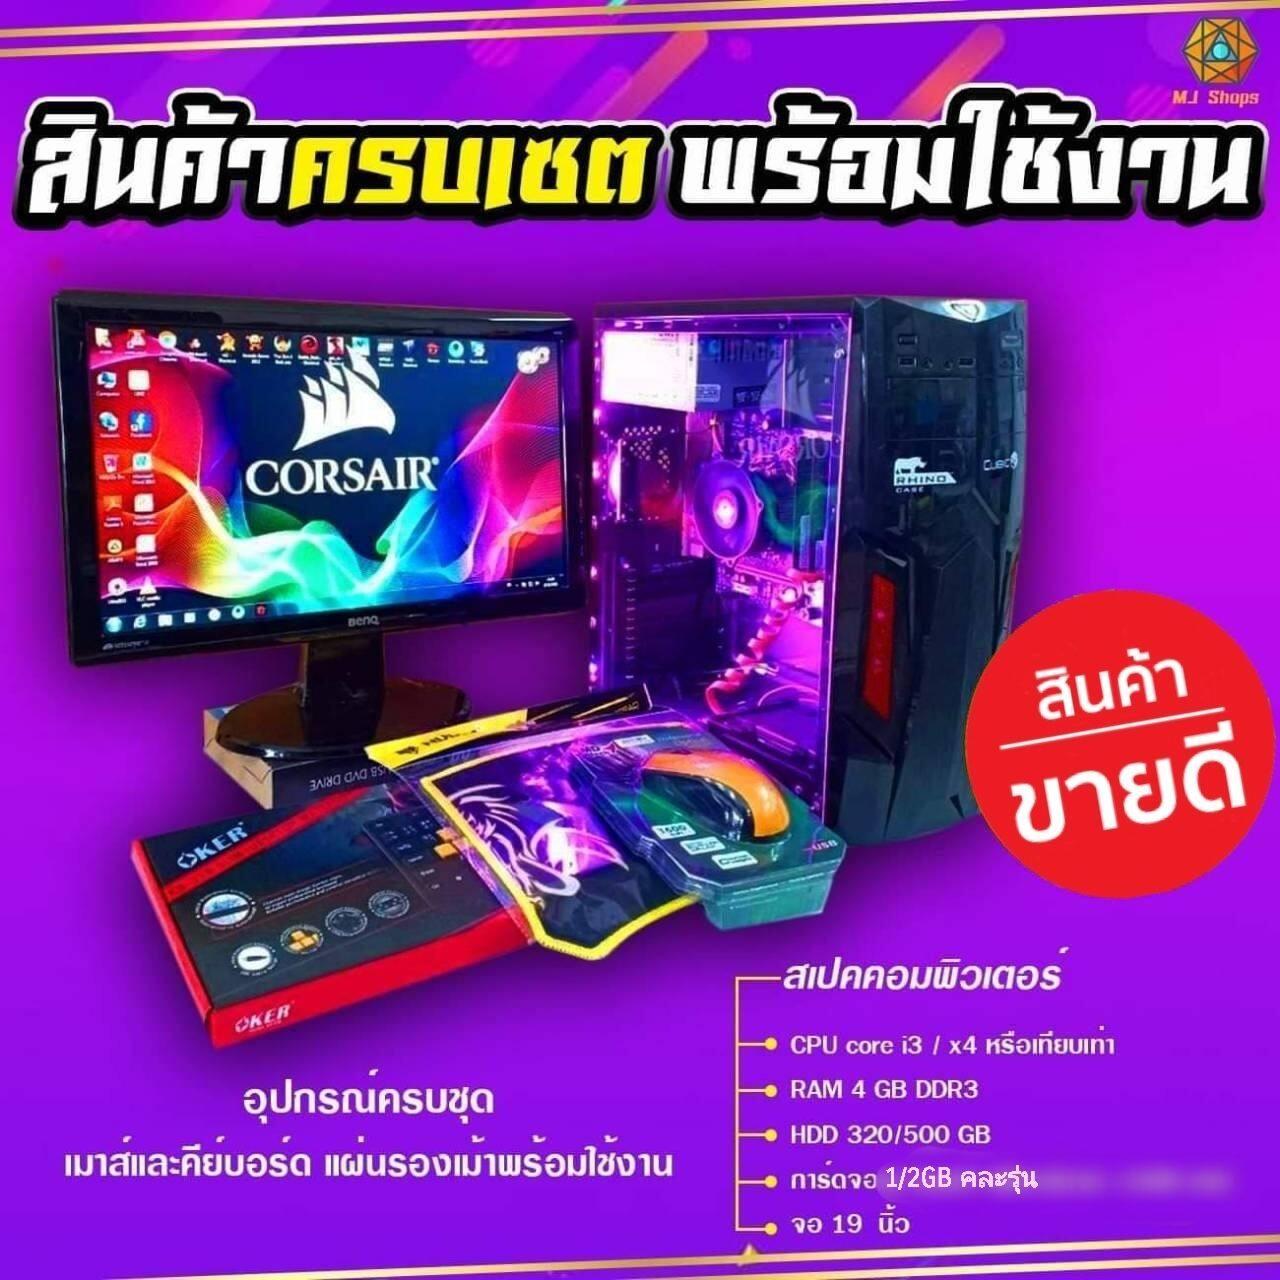 คอมพิวเตอร์ เล่นเกมส์ ดูหนัง ทำงาน การศึกษา Pubg Mobile Free Fire Hon Pb.